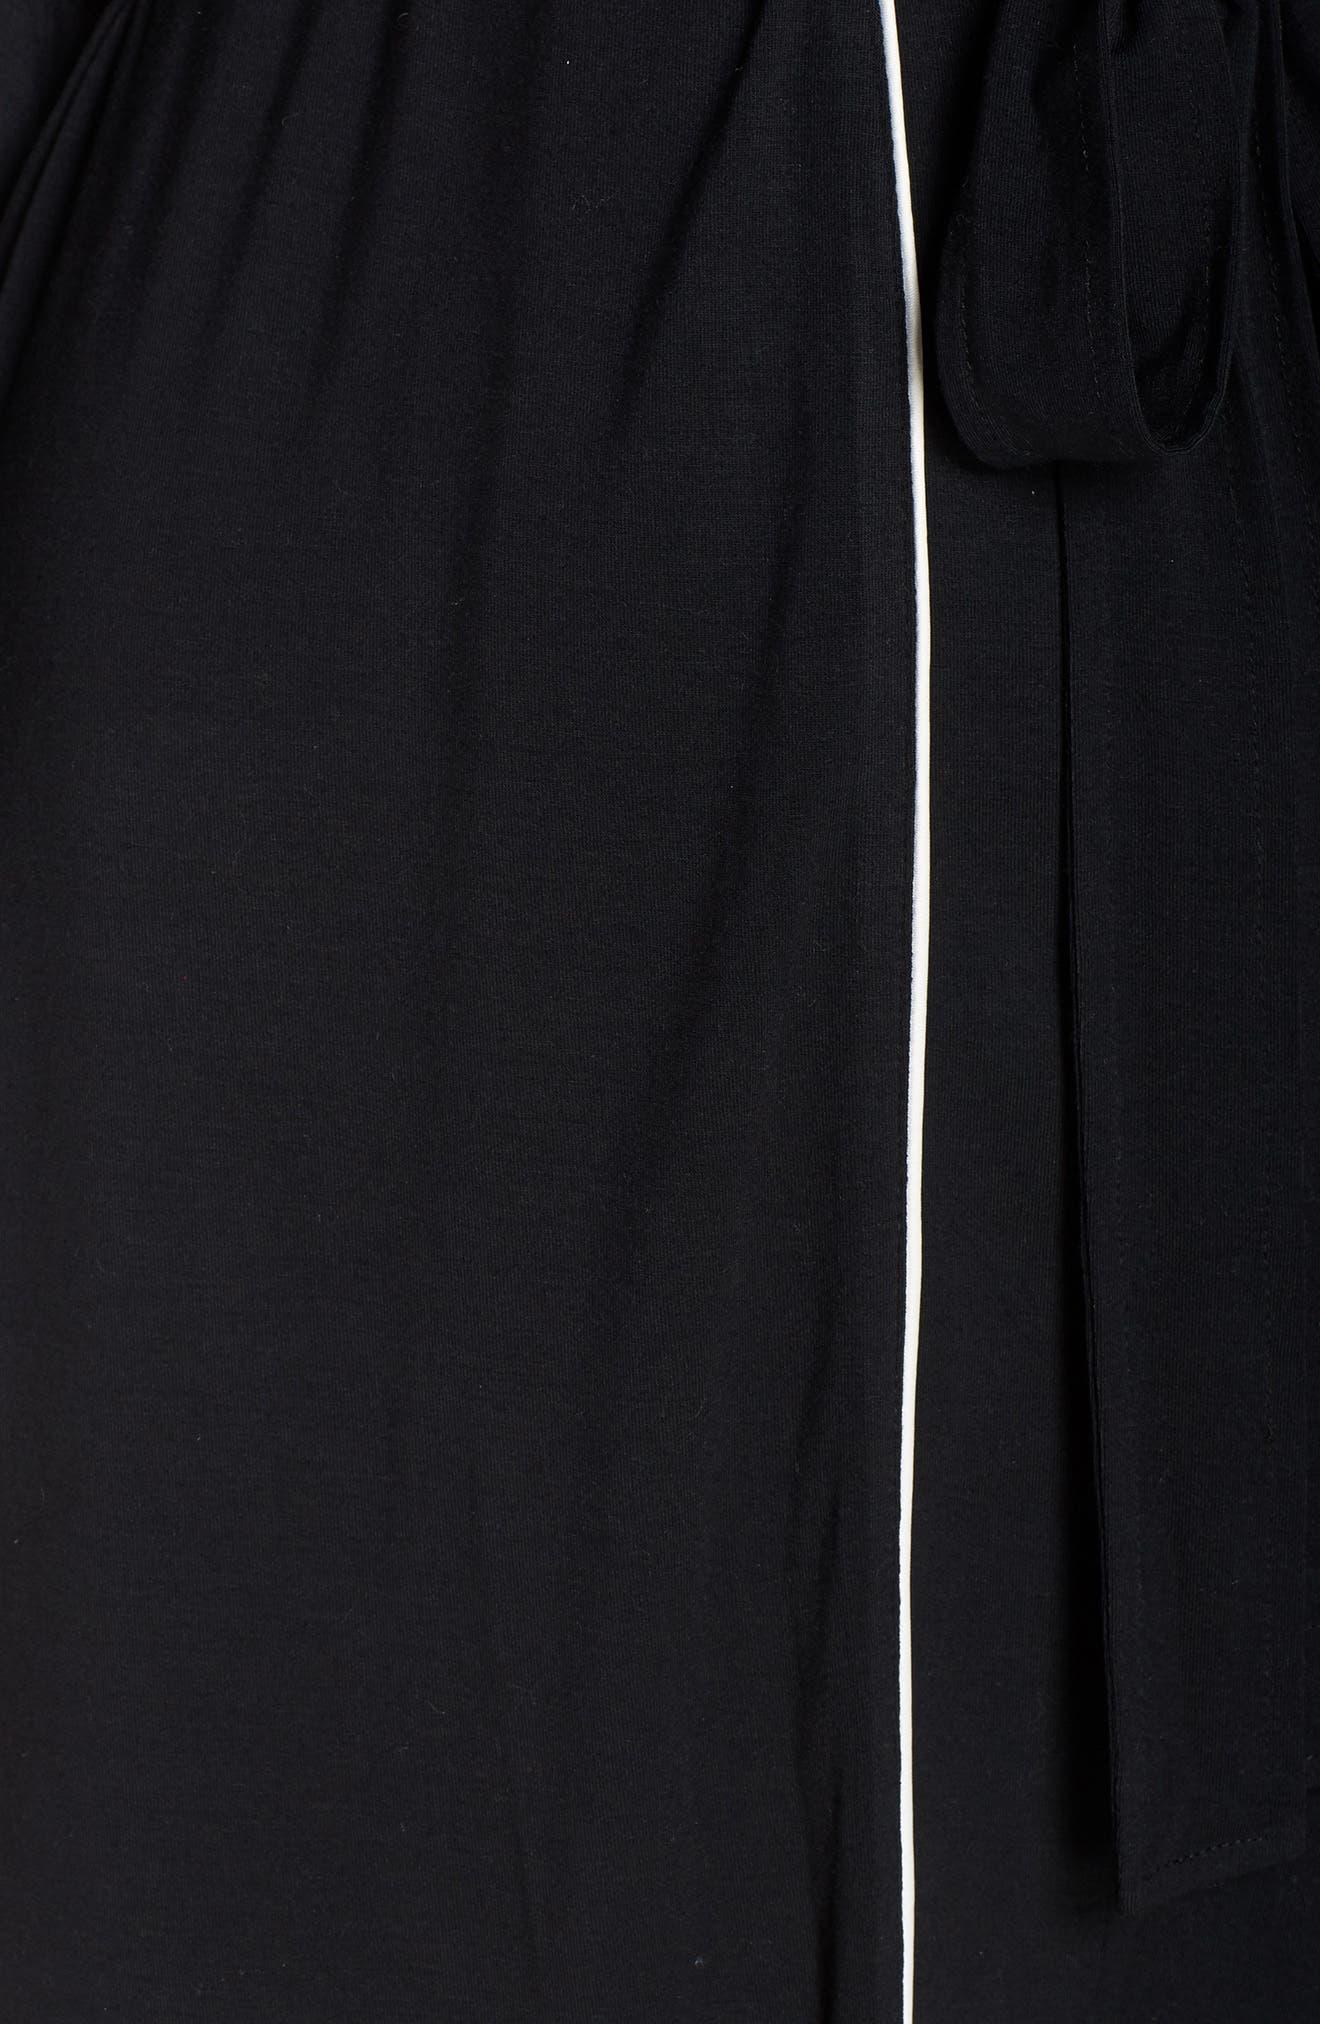 NORDSTROM LINGERIE, Moonlight Jersey Robe, Alternate thumbnail 5, color, 001